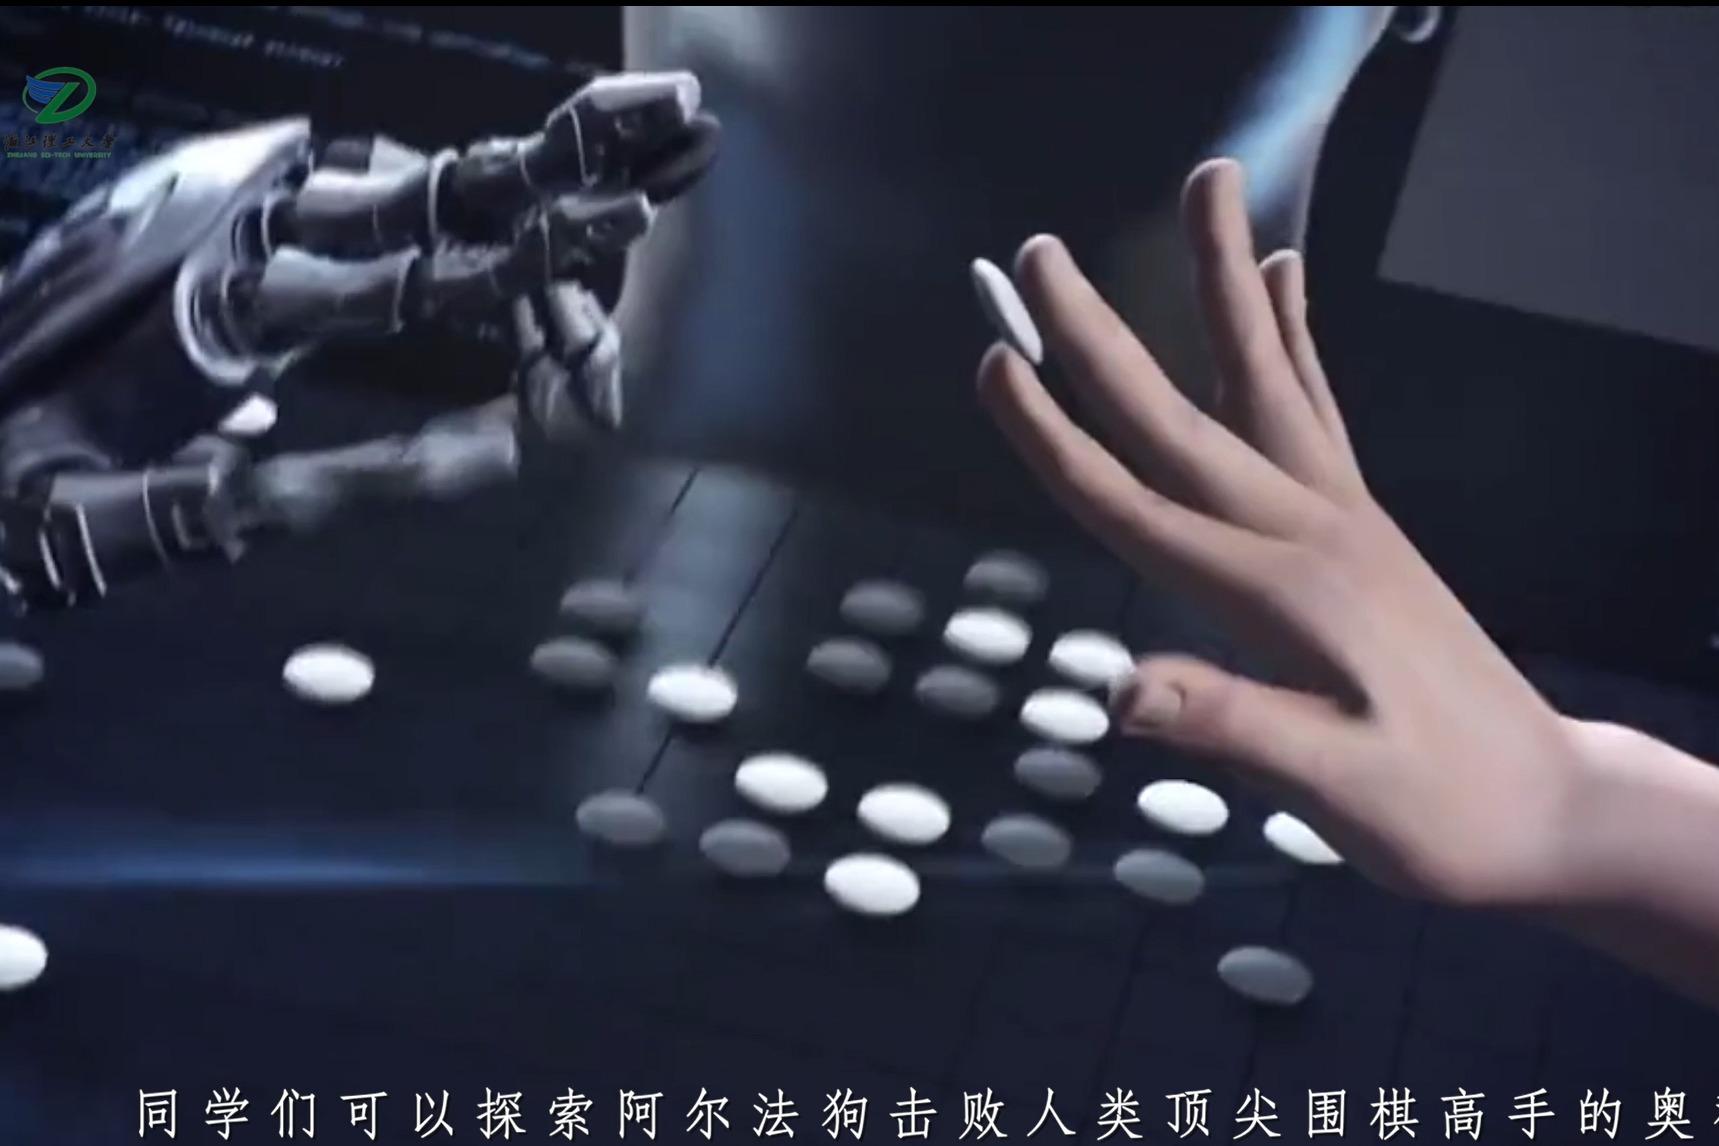 令人心动的浙理专业|阿尔法狗为何能击败顶尖围棋高手 它能告诉你